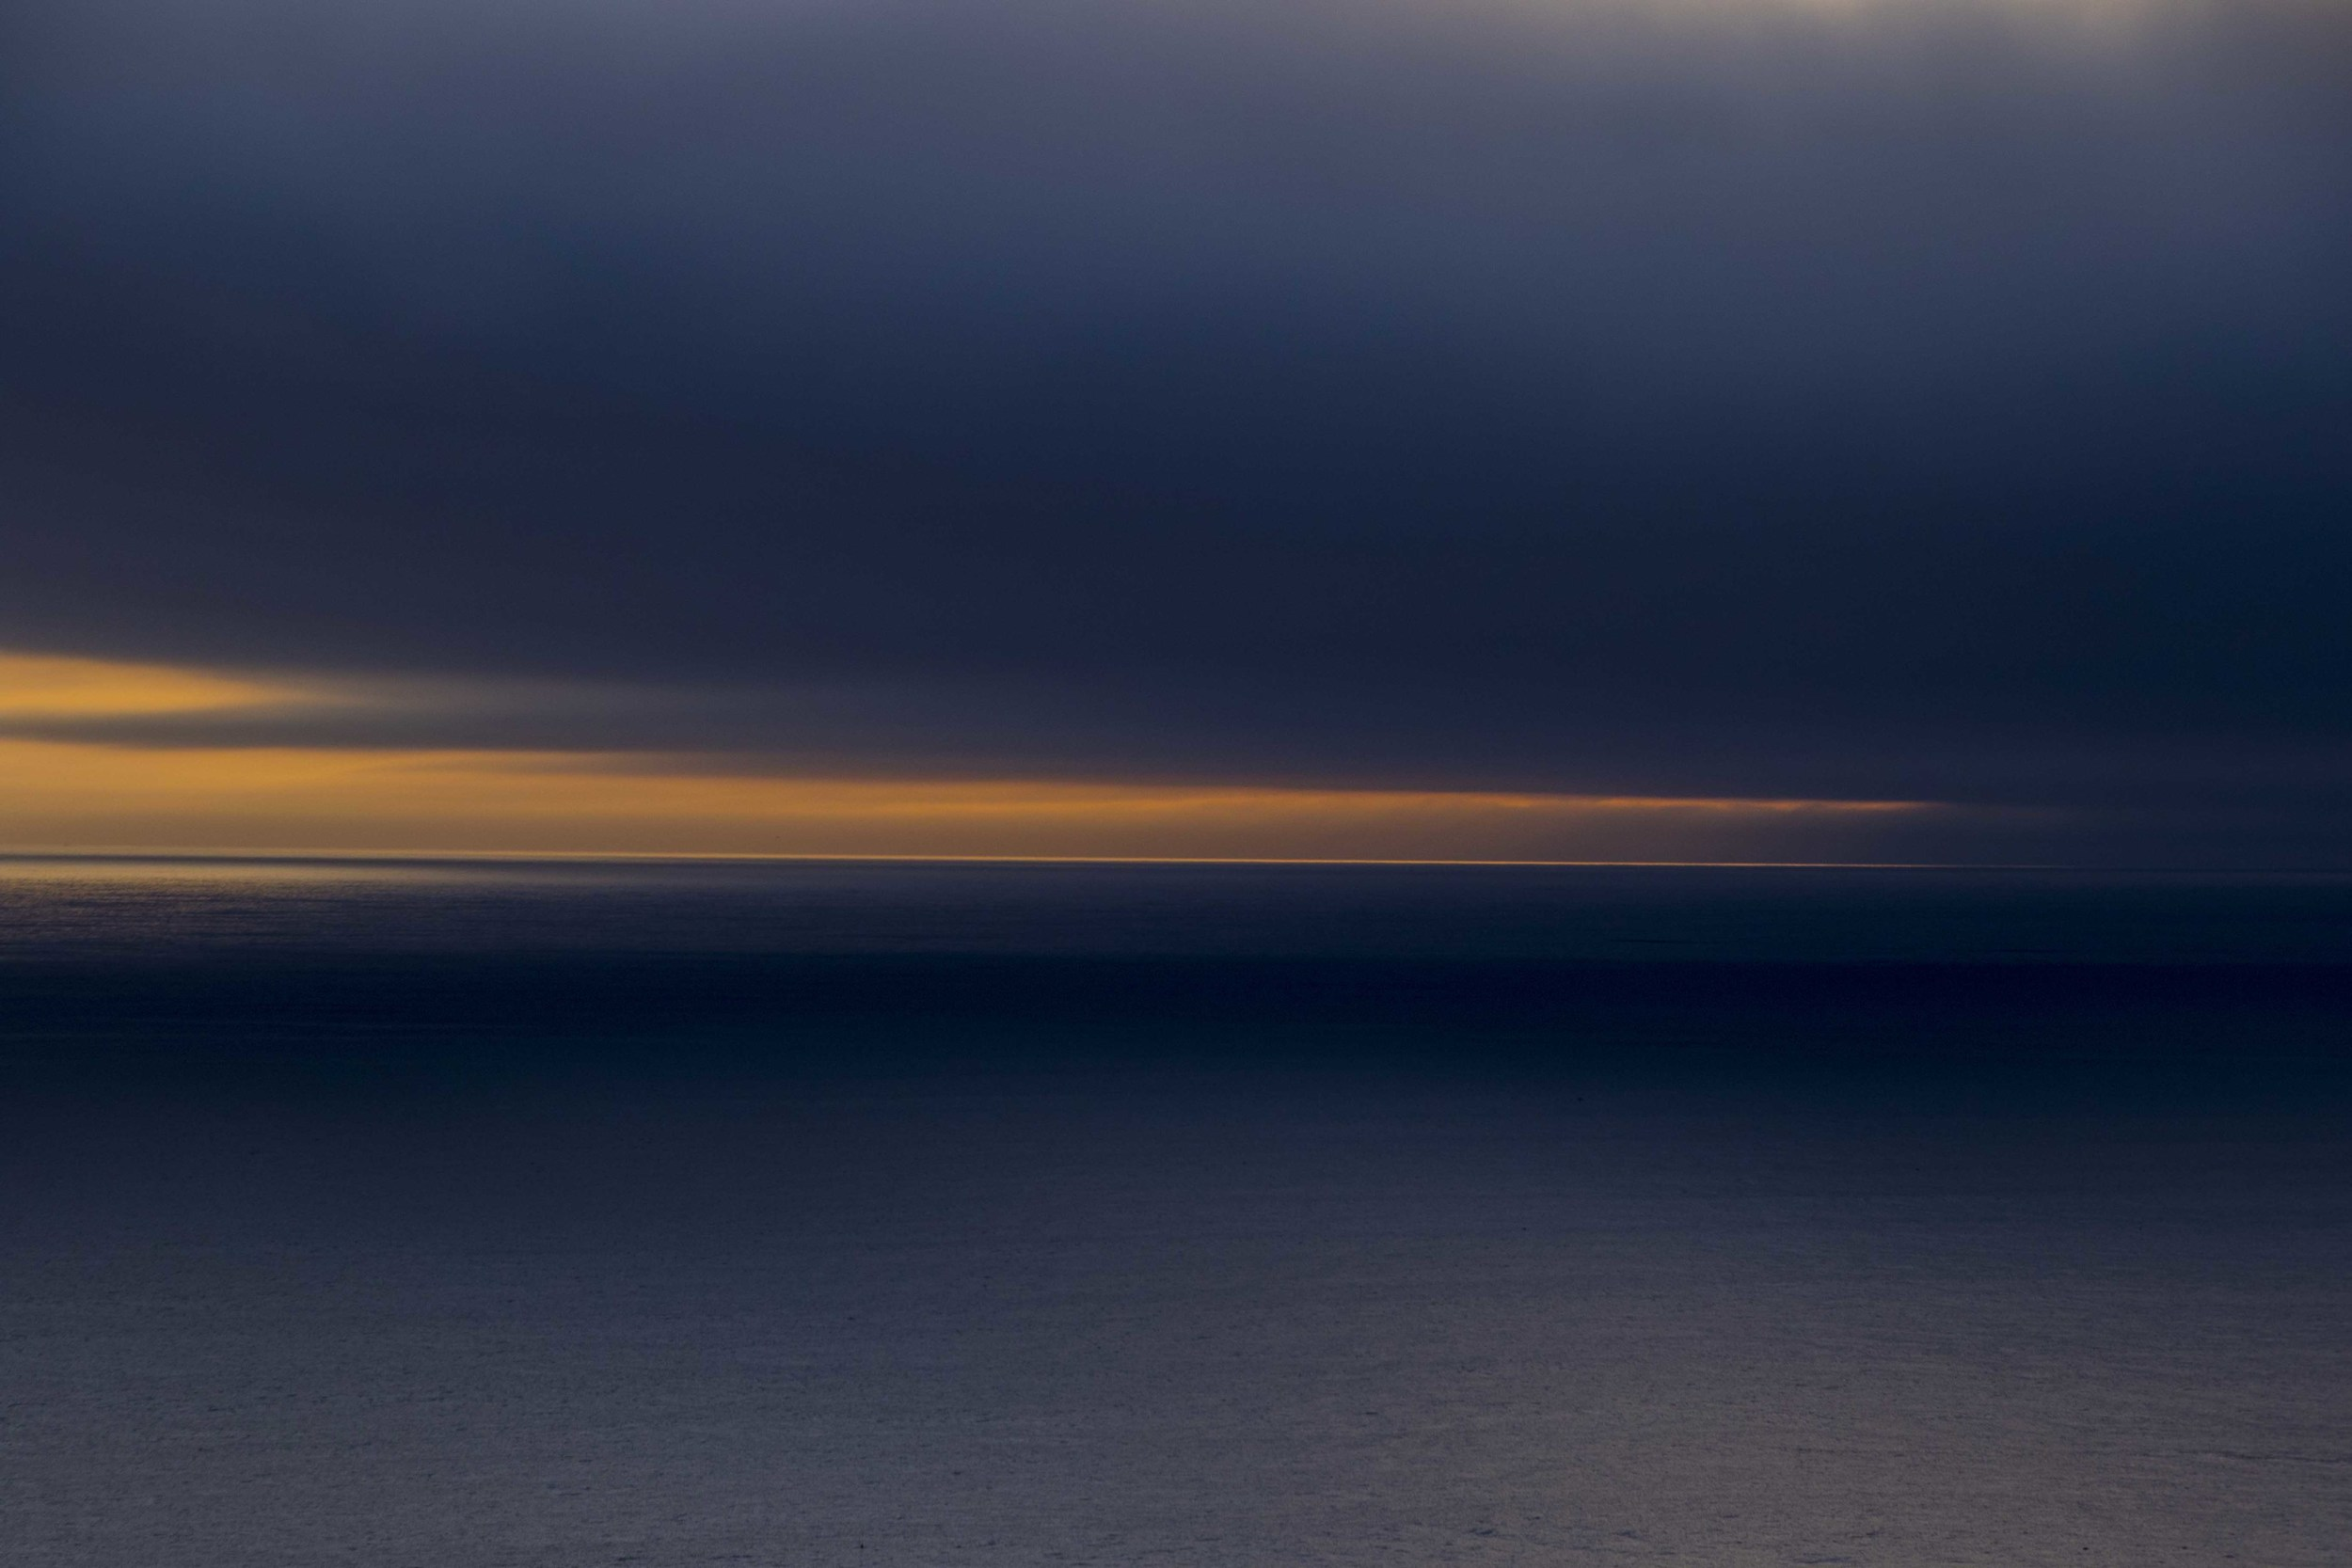 Sunset_A0A5638.jpg